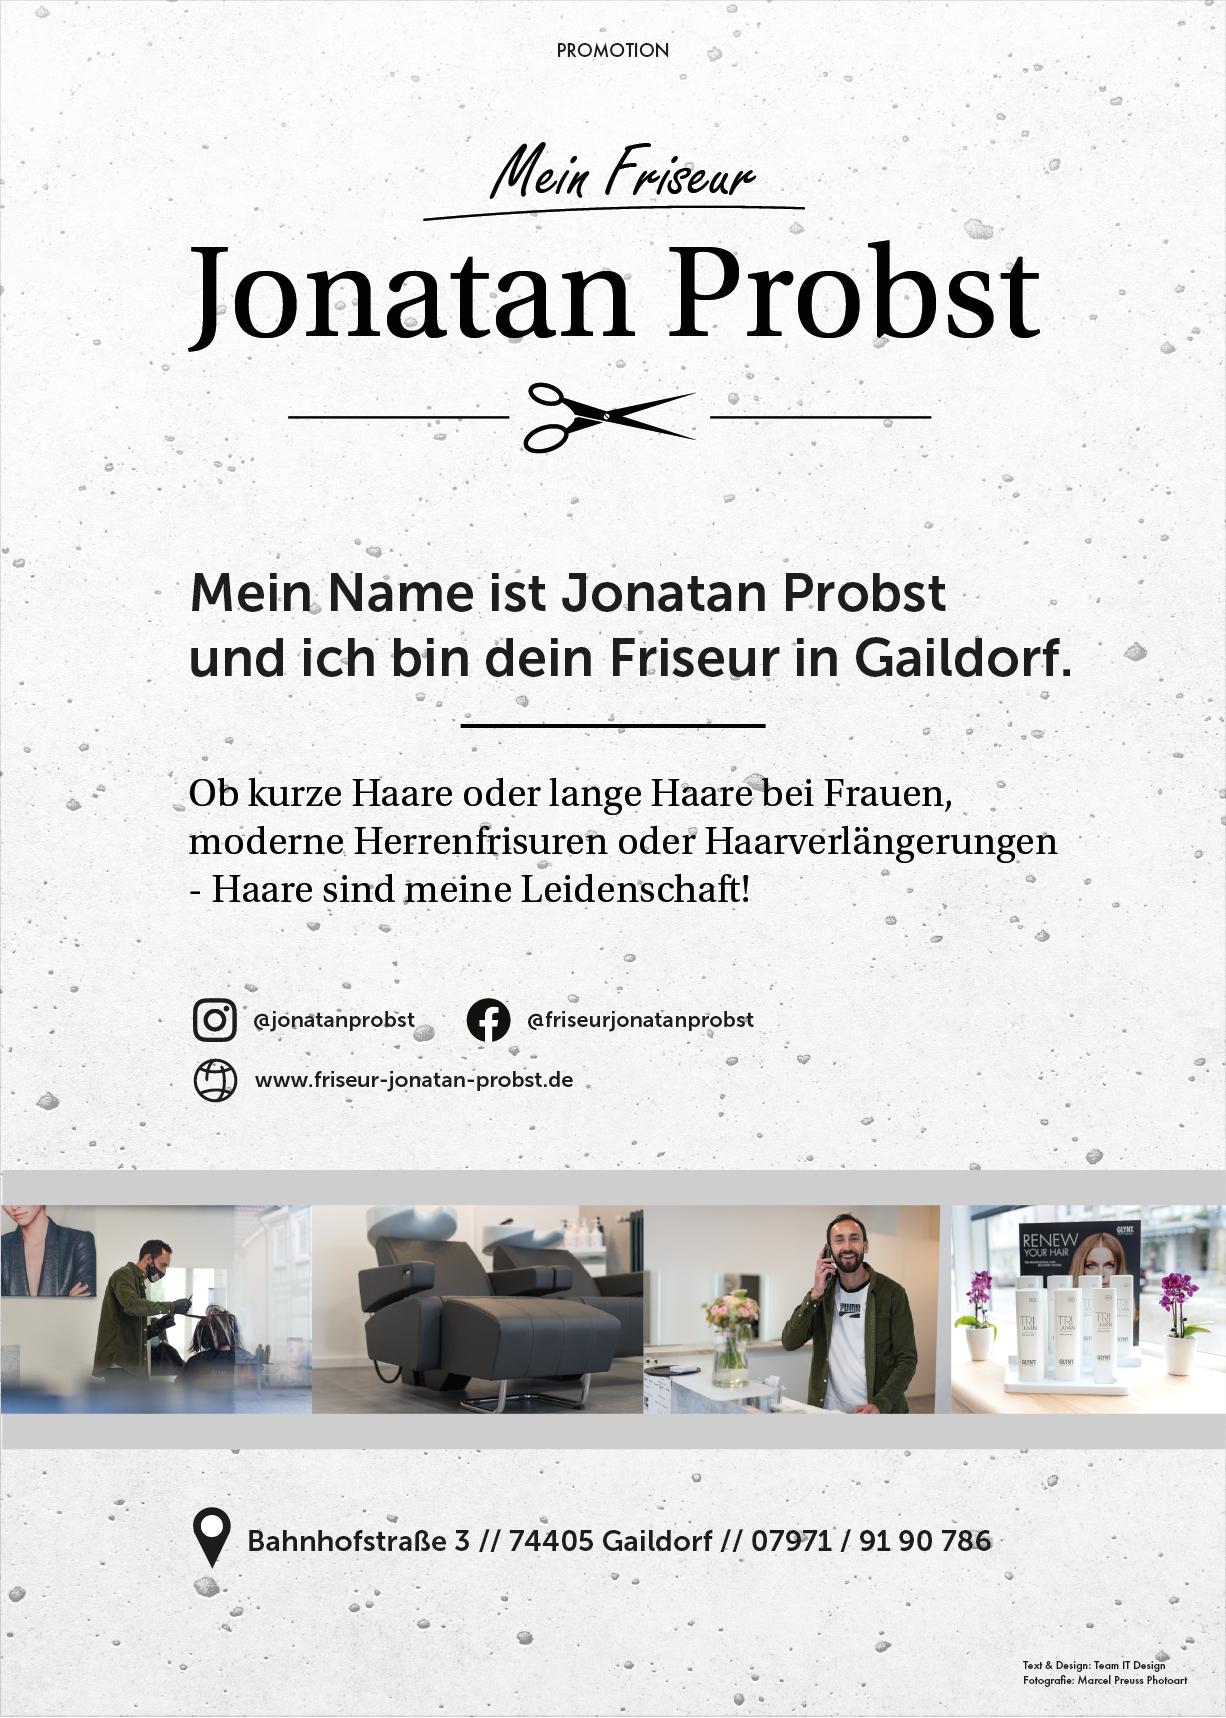 Jonatan Probst